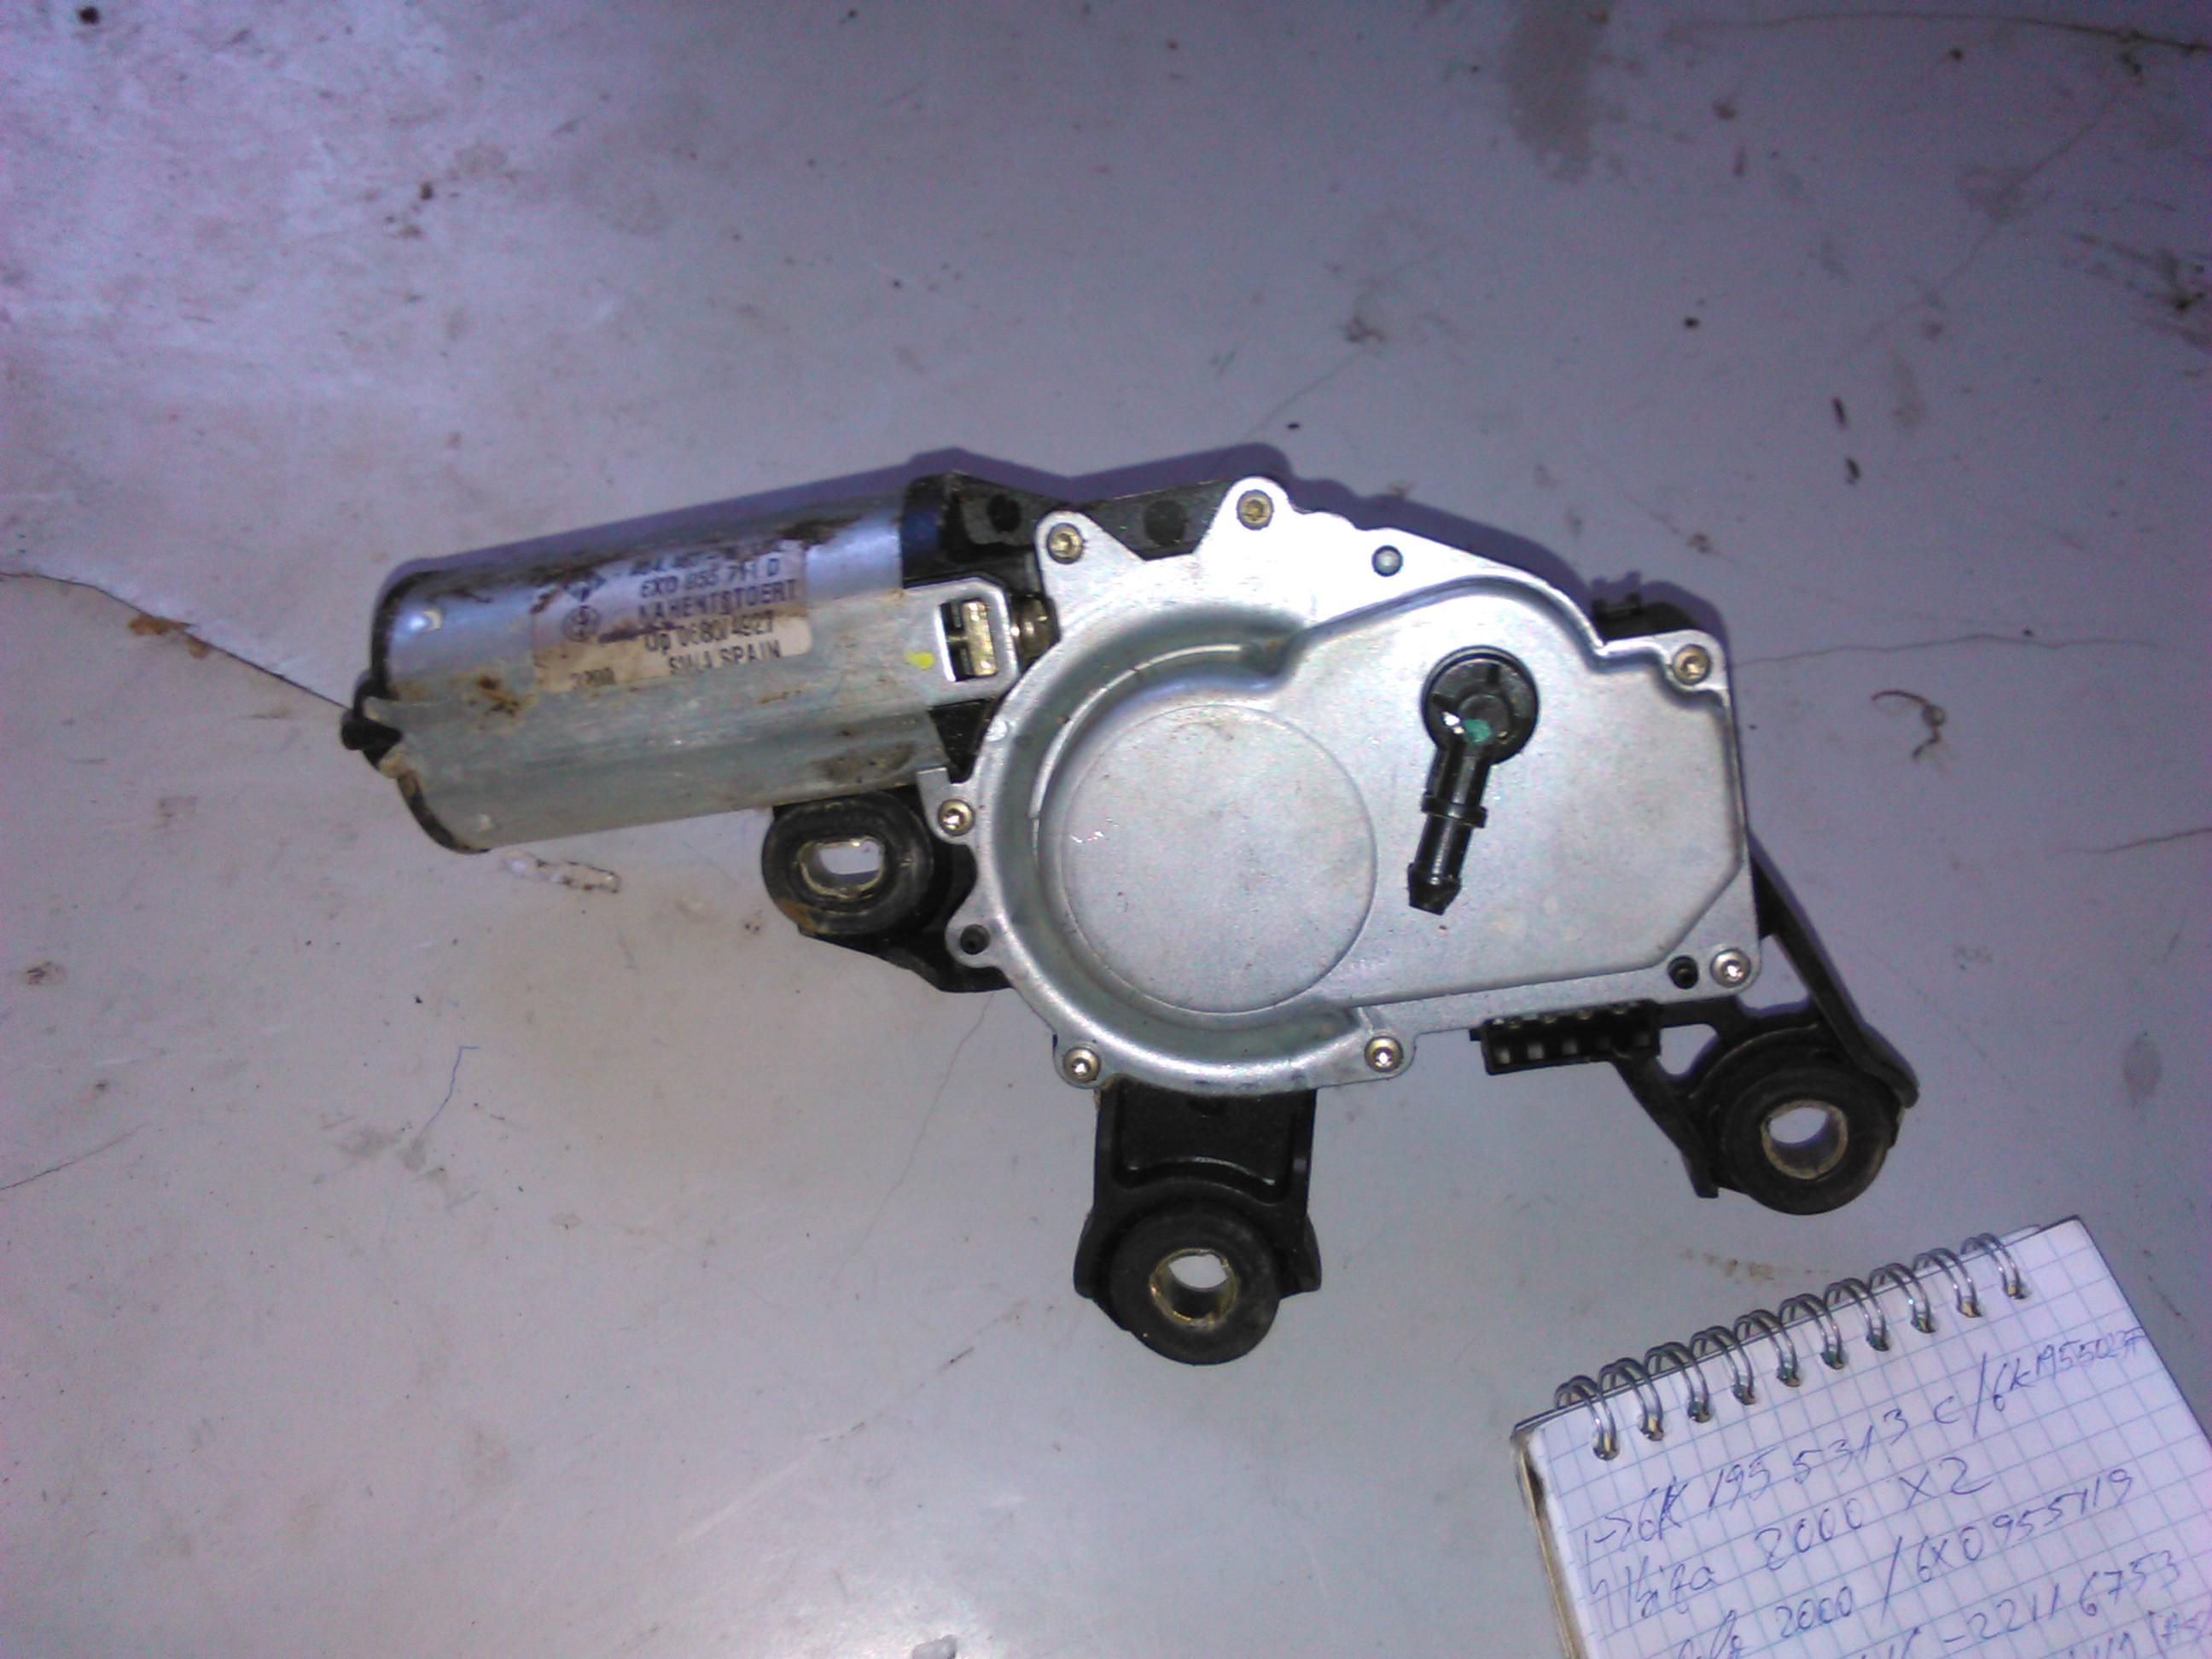 Motoras stergator haion Vw Polo 6N2 cod 6x0955711d